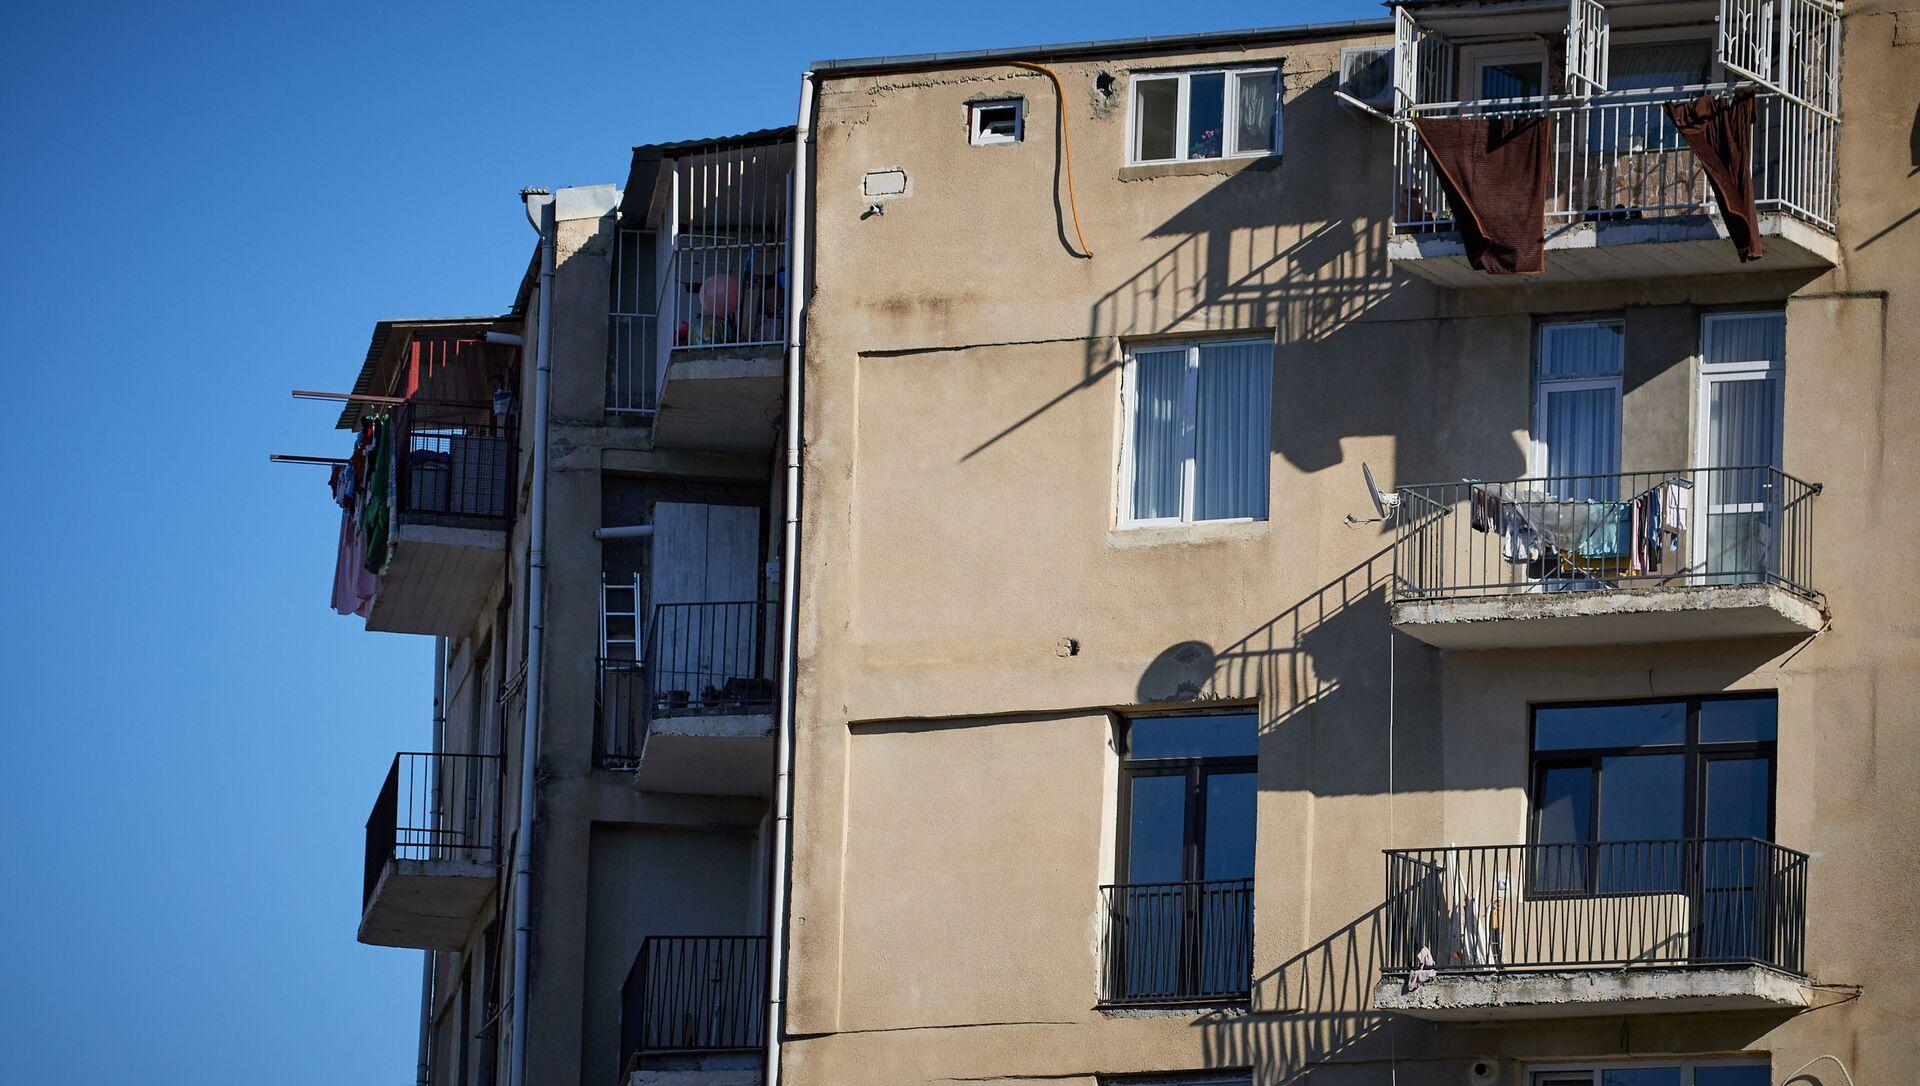 Жилой многоэтажный корпус в столице - решетки на балконе на последнем этаже - Sputnik Грузия, 1920, 08.04.2021